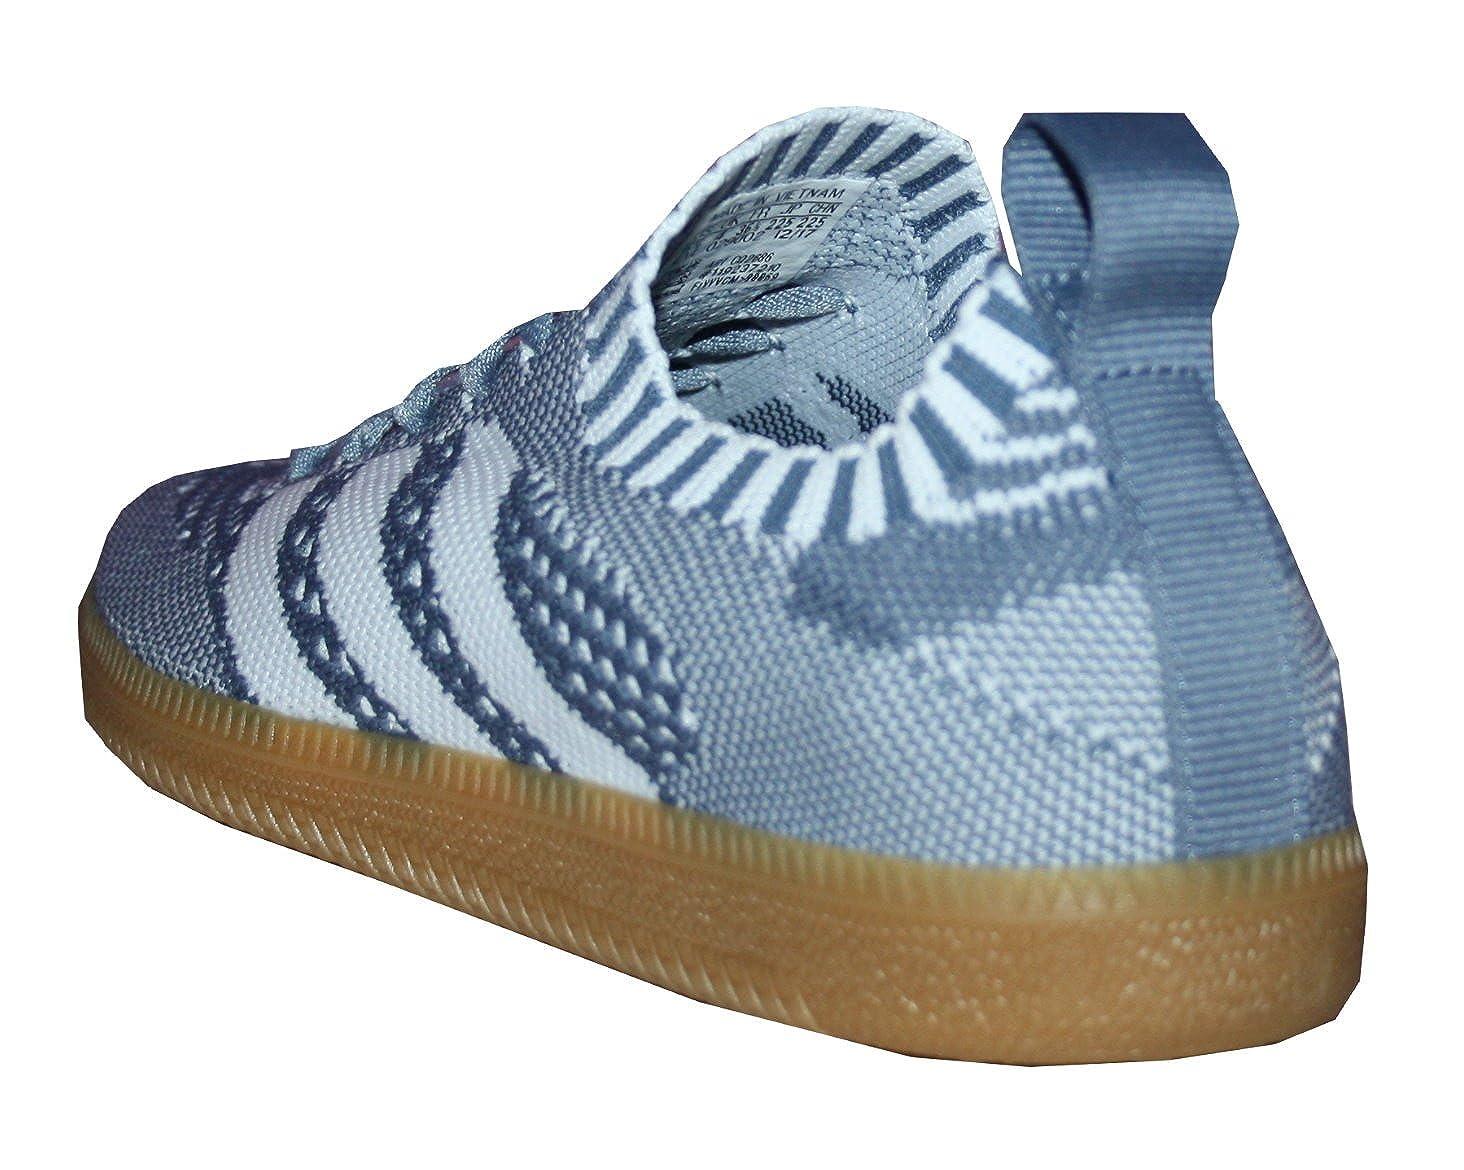 adidas Samba PK W Primeknit Damen Textil Sneaker CQ2686